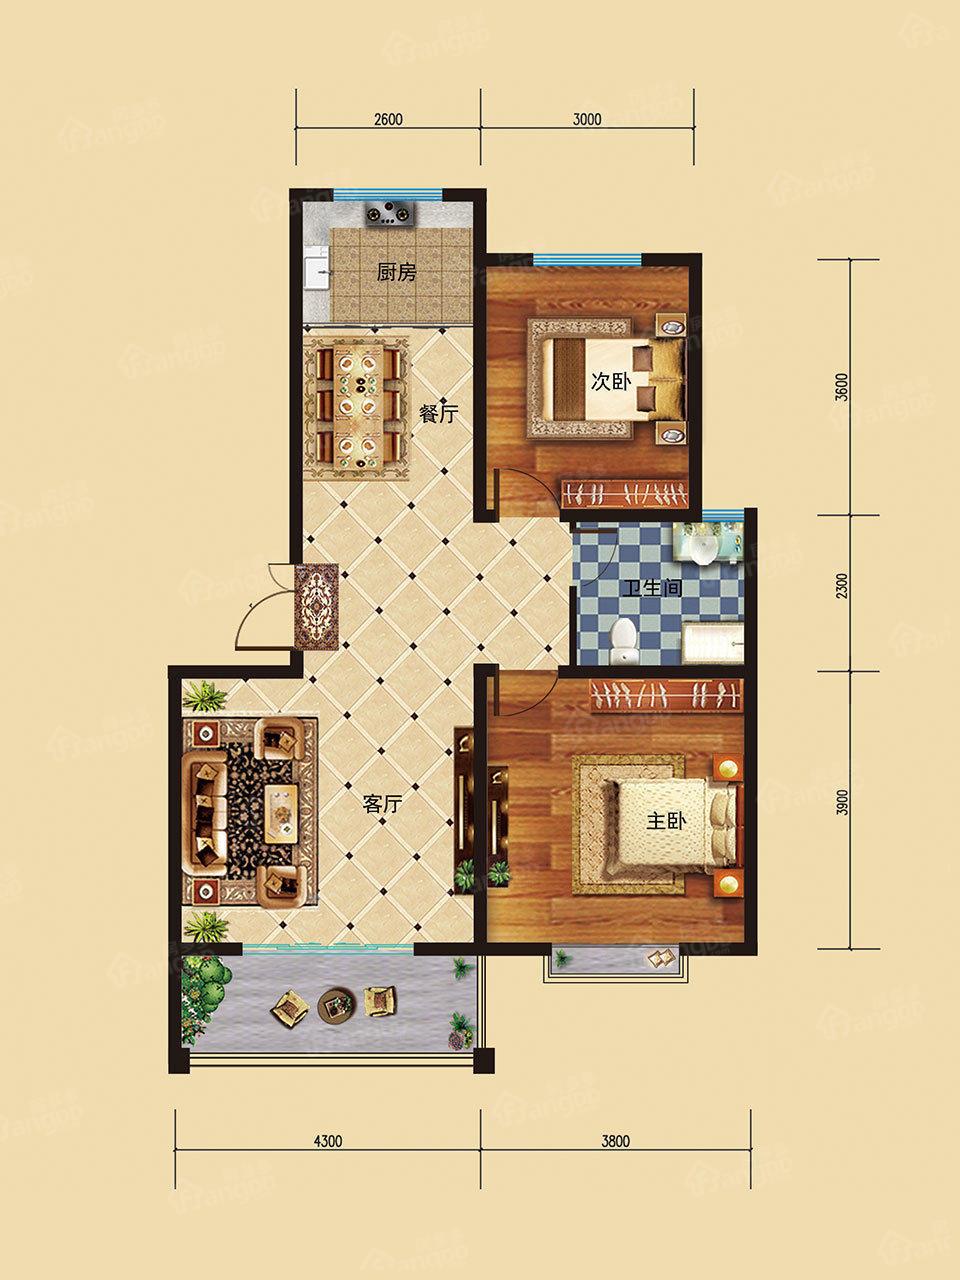 东星·卡纳溪谷2室2厅2卫户型图